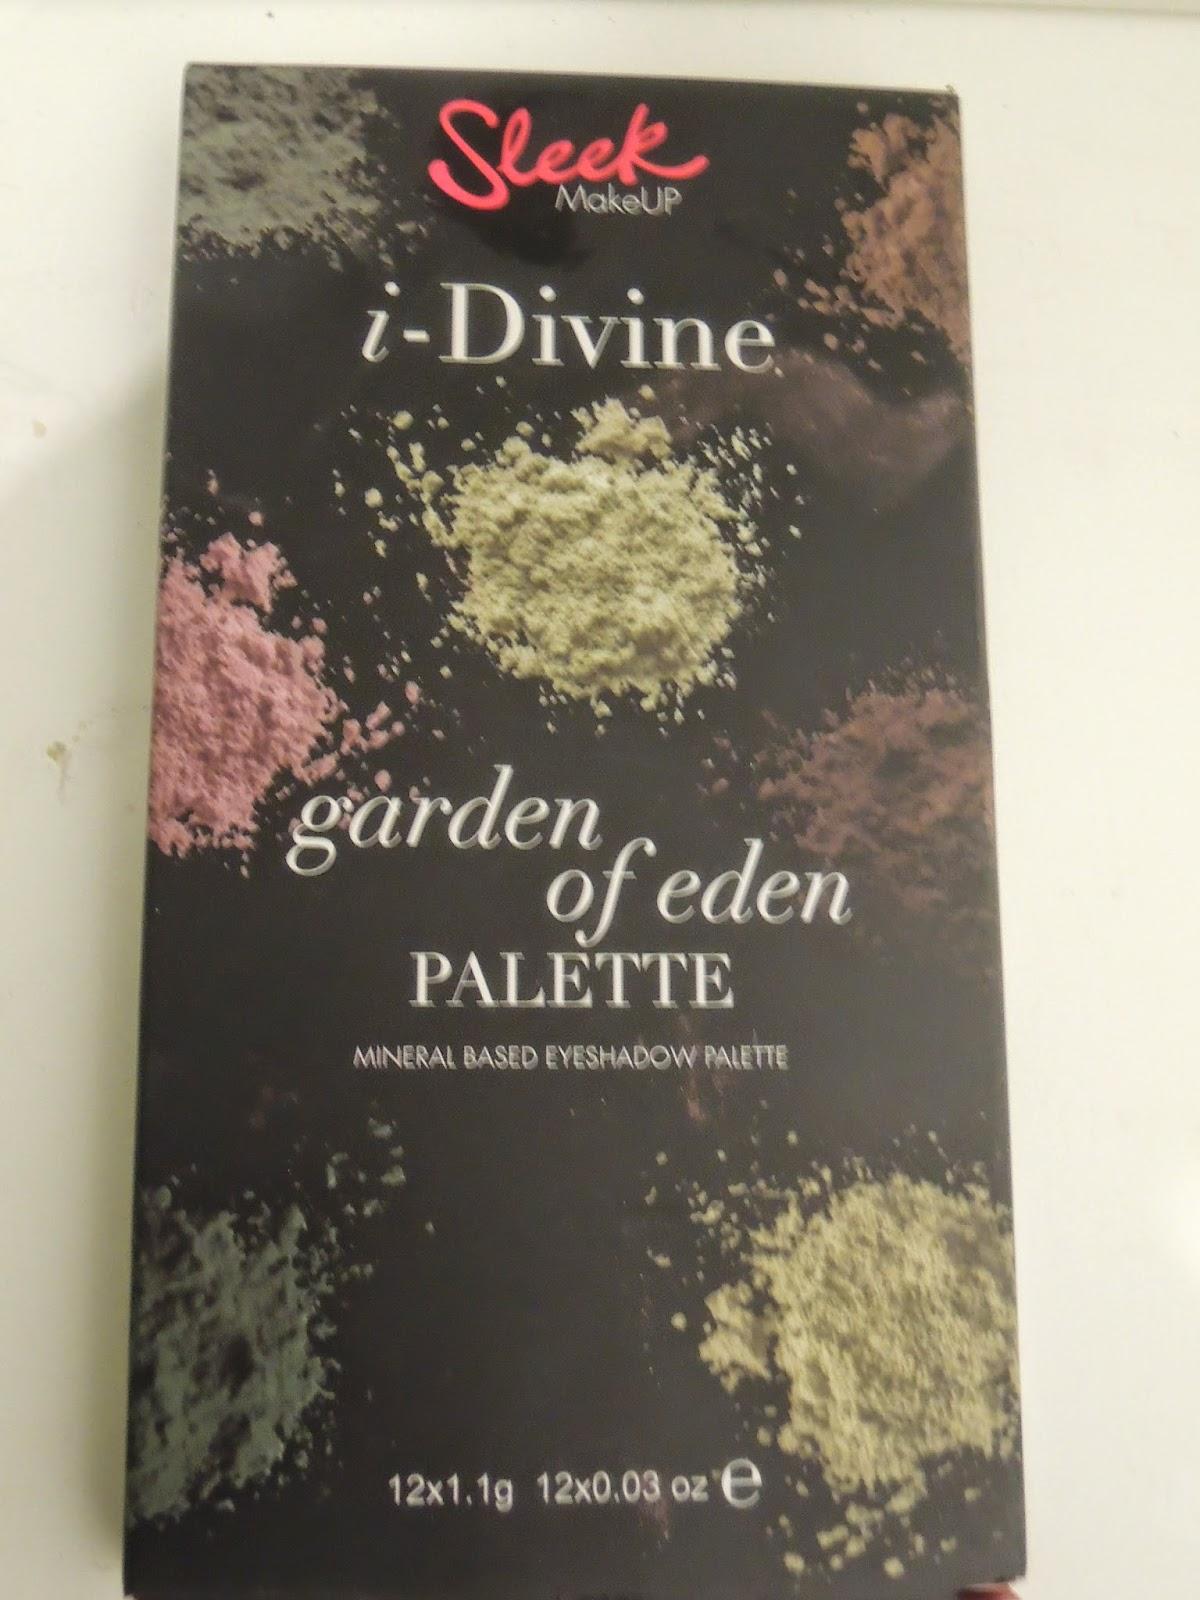 Witamy w raju, czyli paleta Sleek Garden of Eden